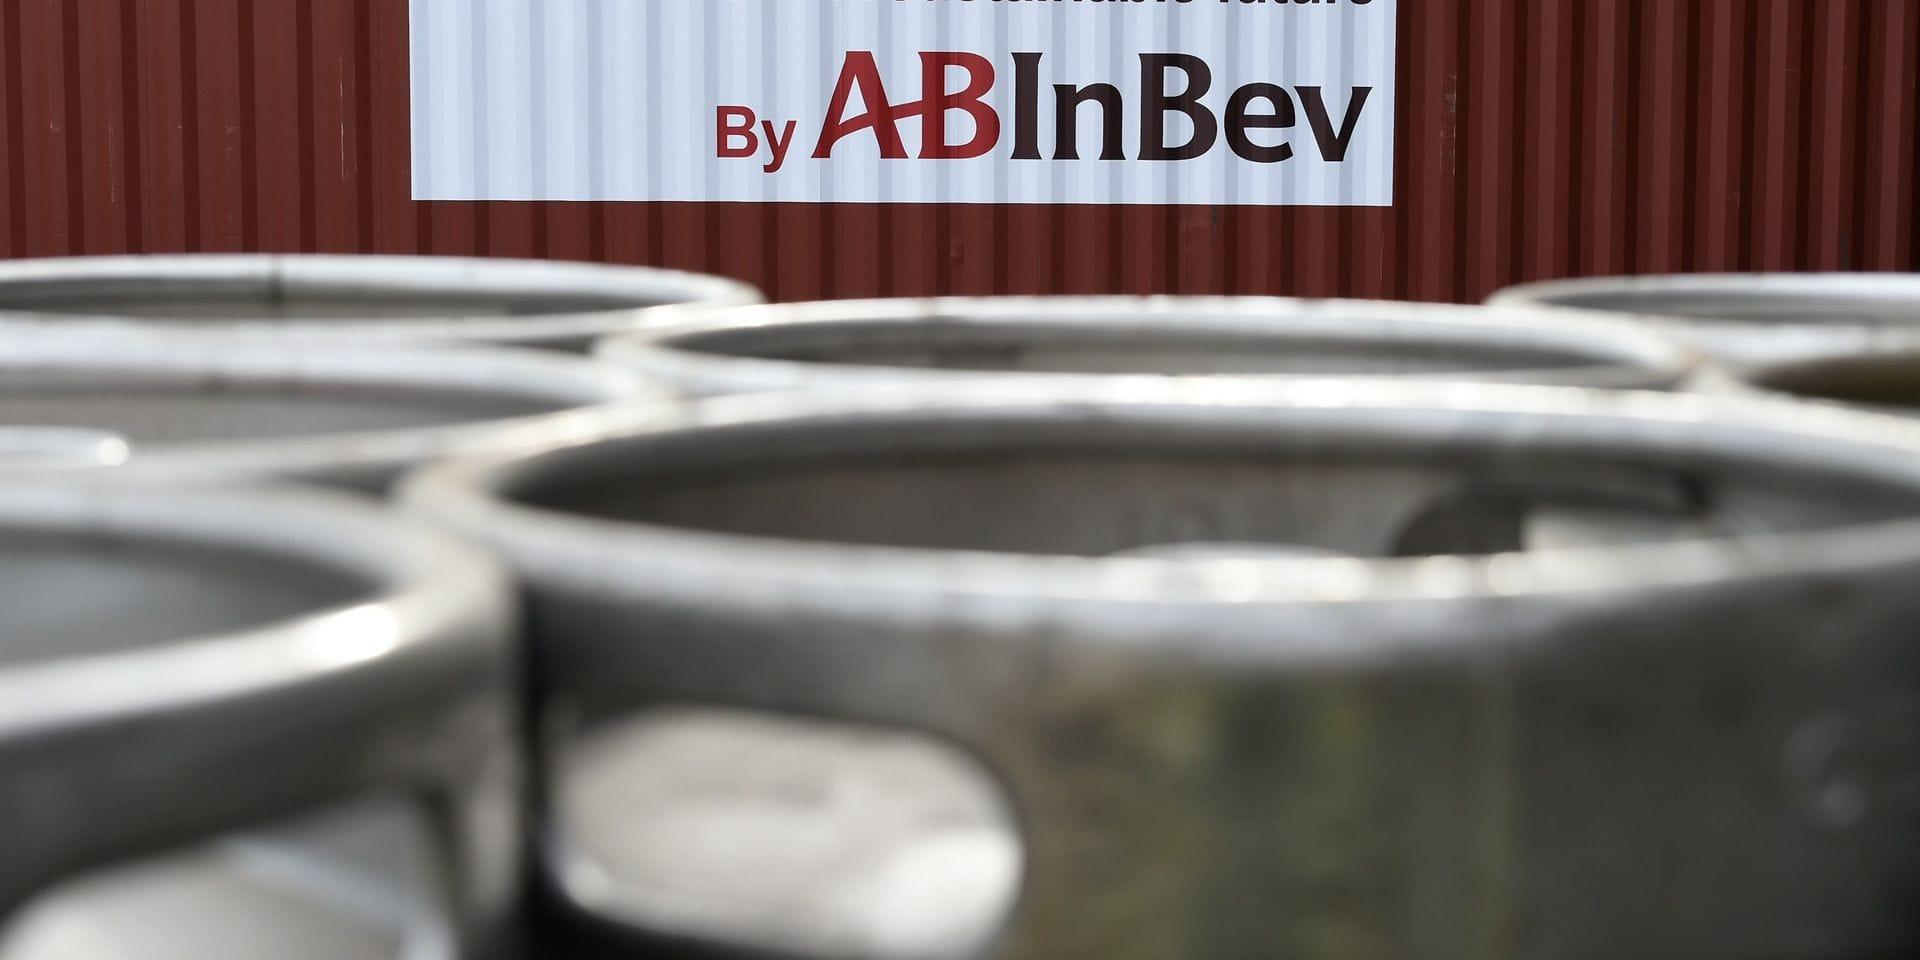 Emplois menacés chez AB InBev à Jupille : des négociations à l'échelon national ?